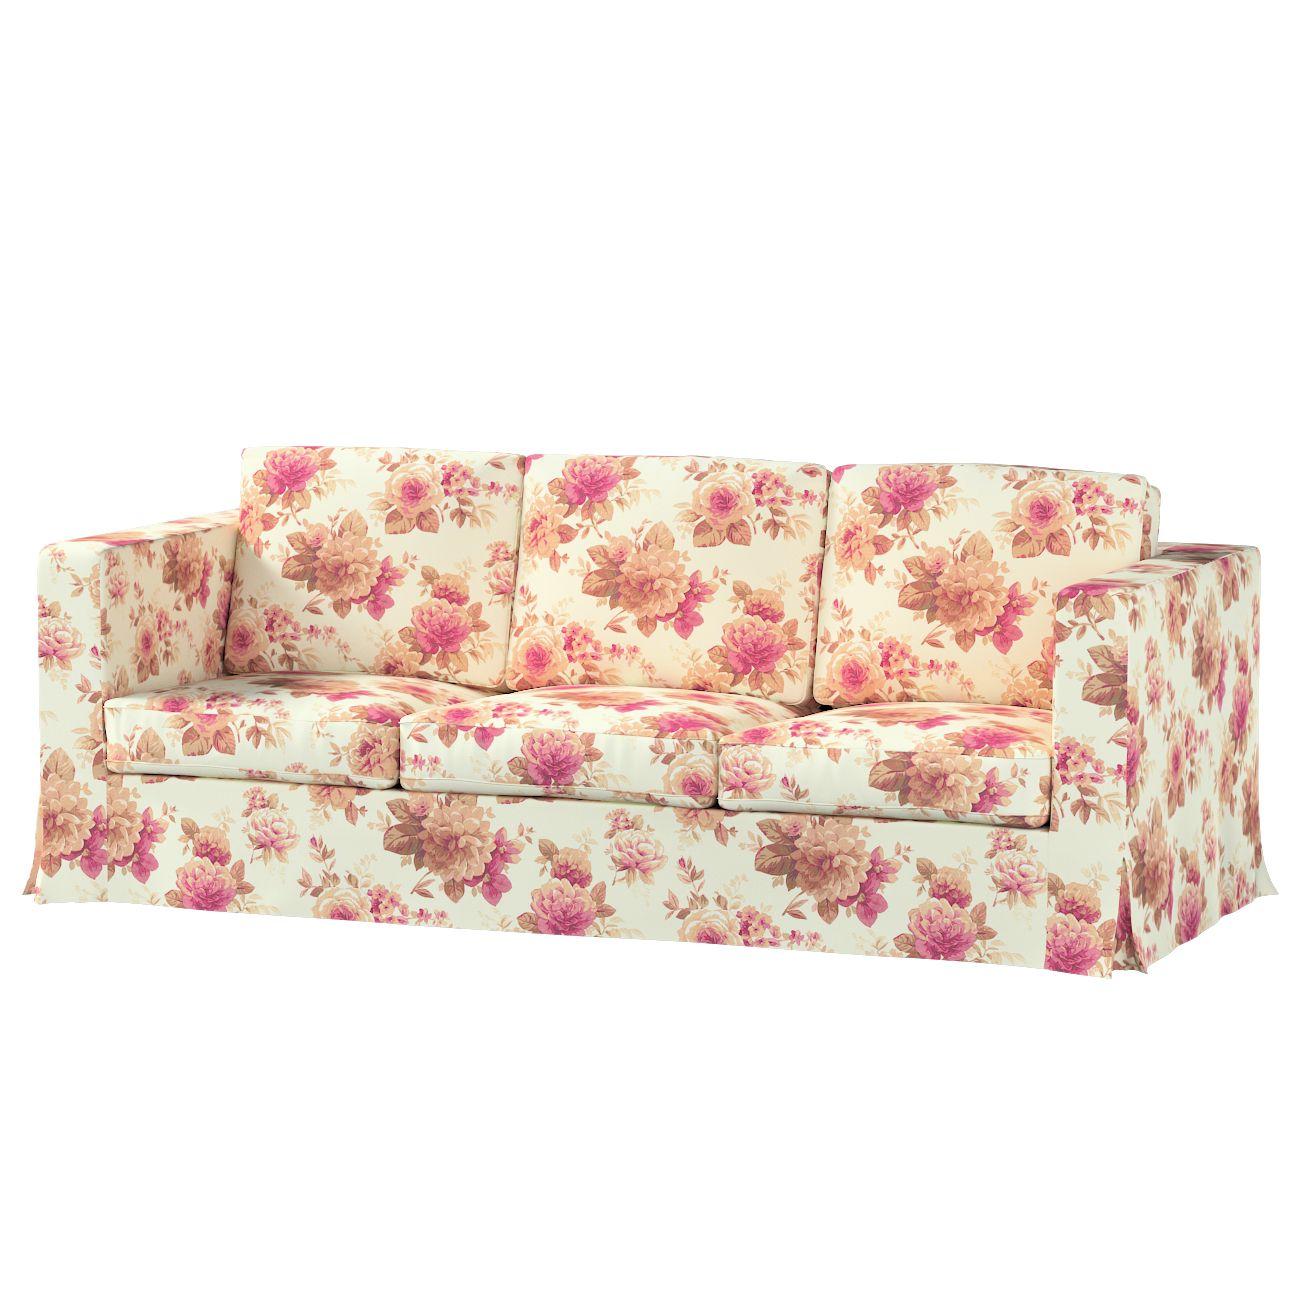 Full Size of Couch Ausklappbar P2032 Bett Ausklappbares Wohnzimmer Couch Ausklappbar